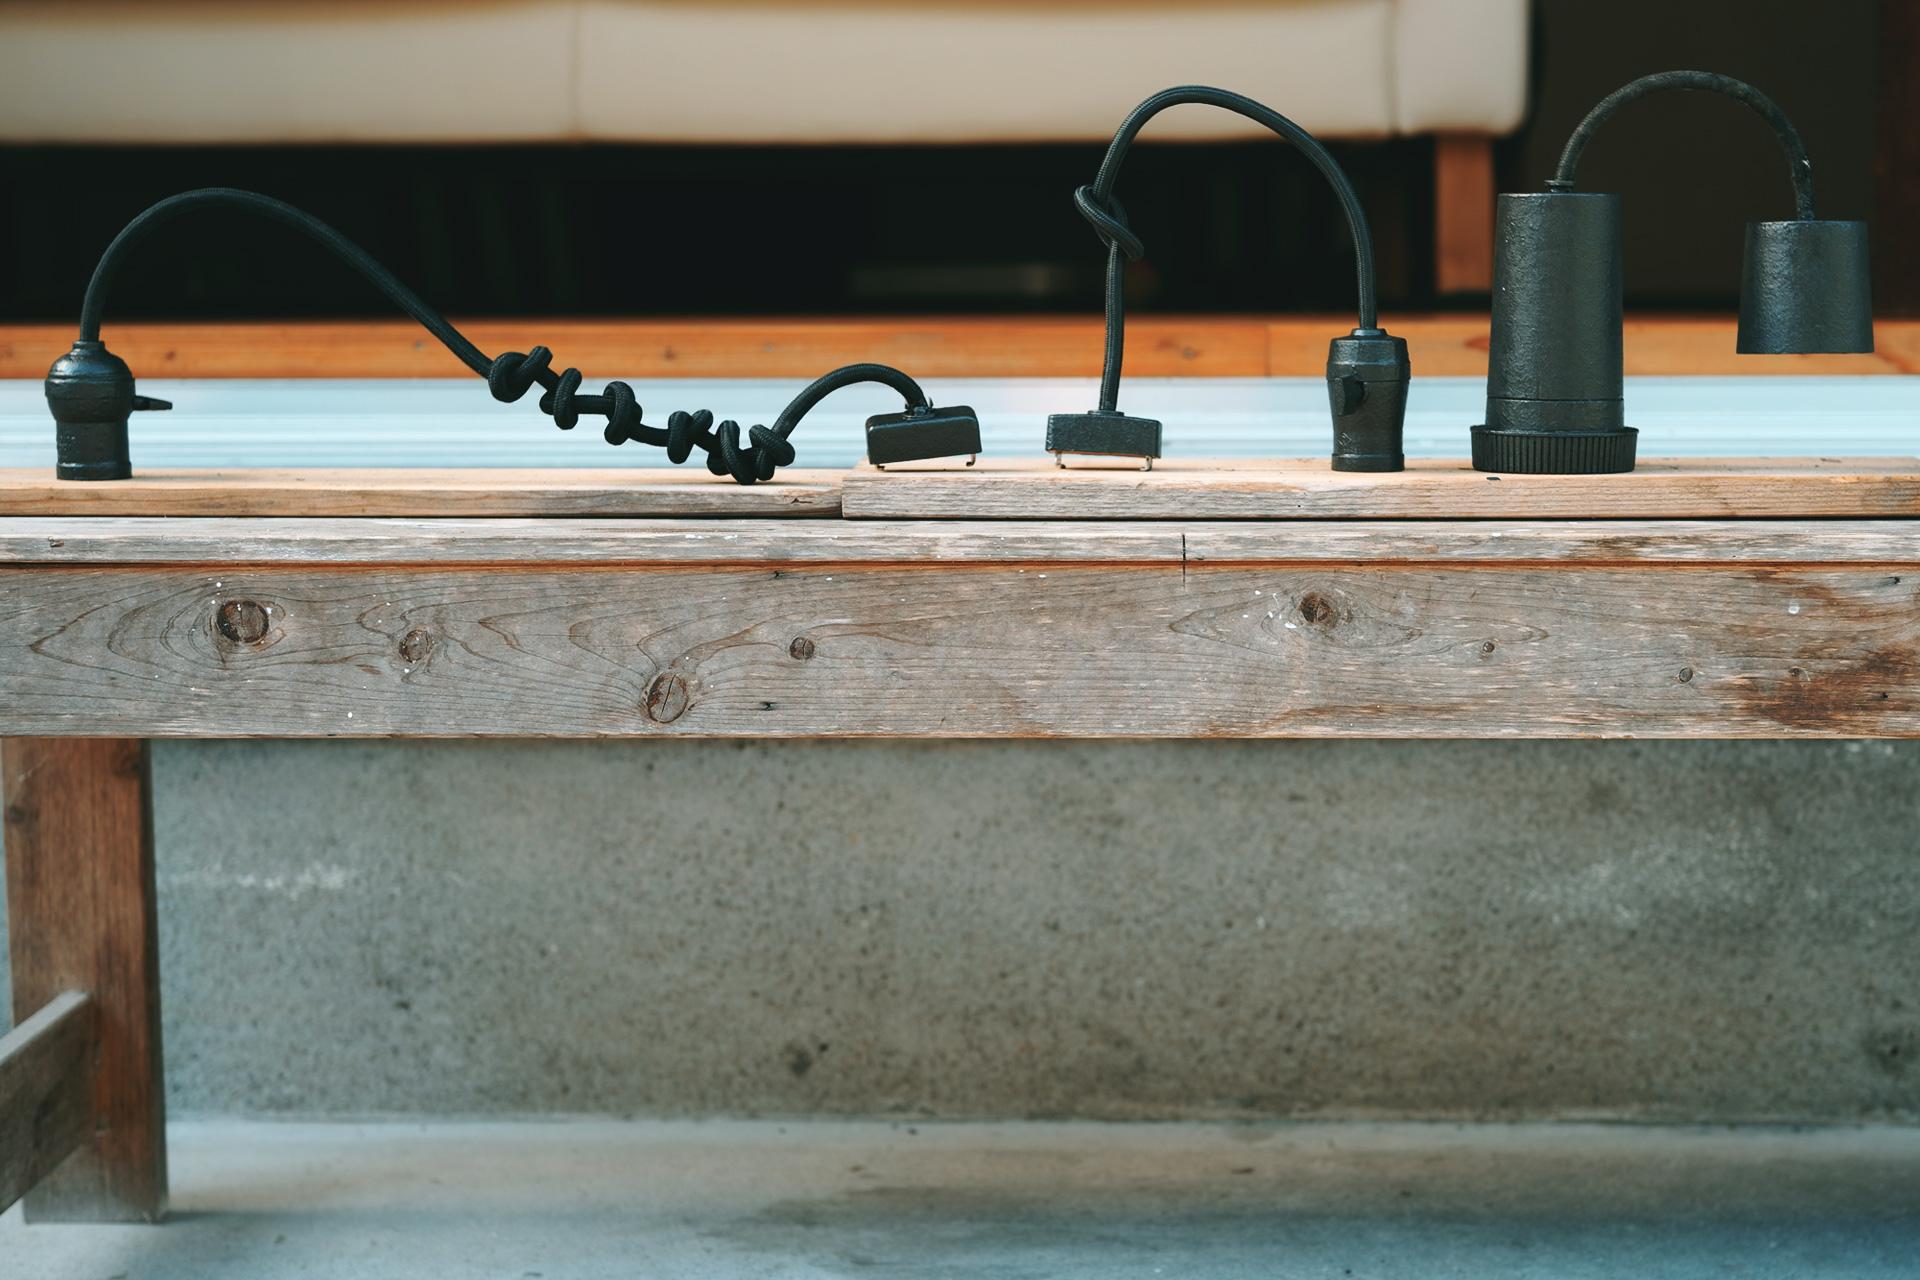 アイアン塗料でラジオソケットが鉄風照明。